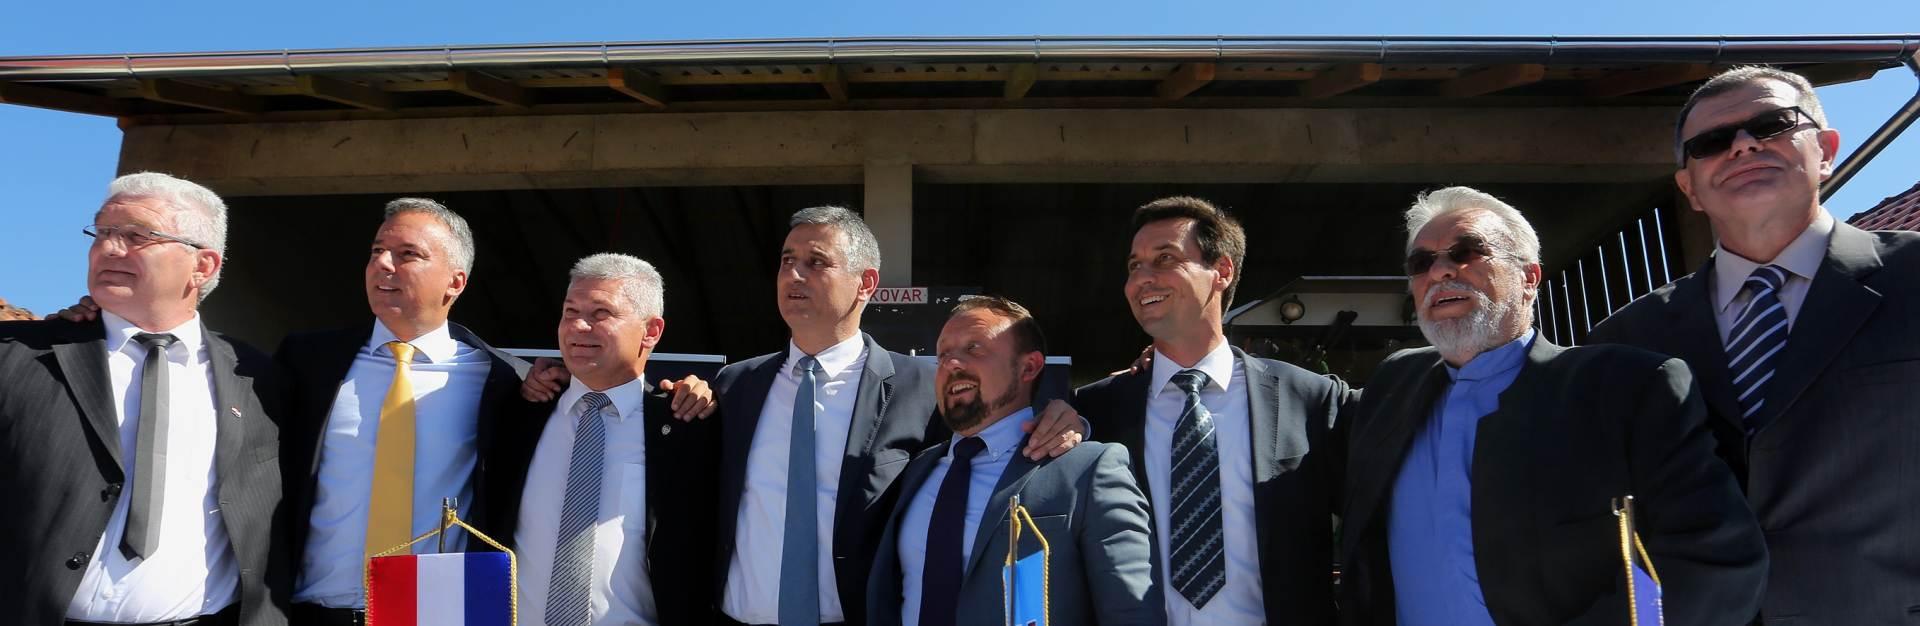 Tajni konsenzus domoljubne koalicije